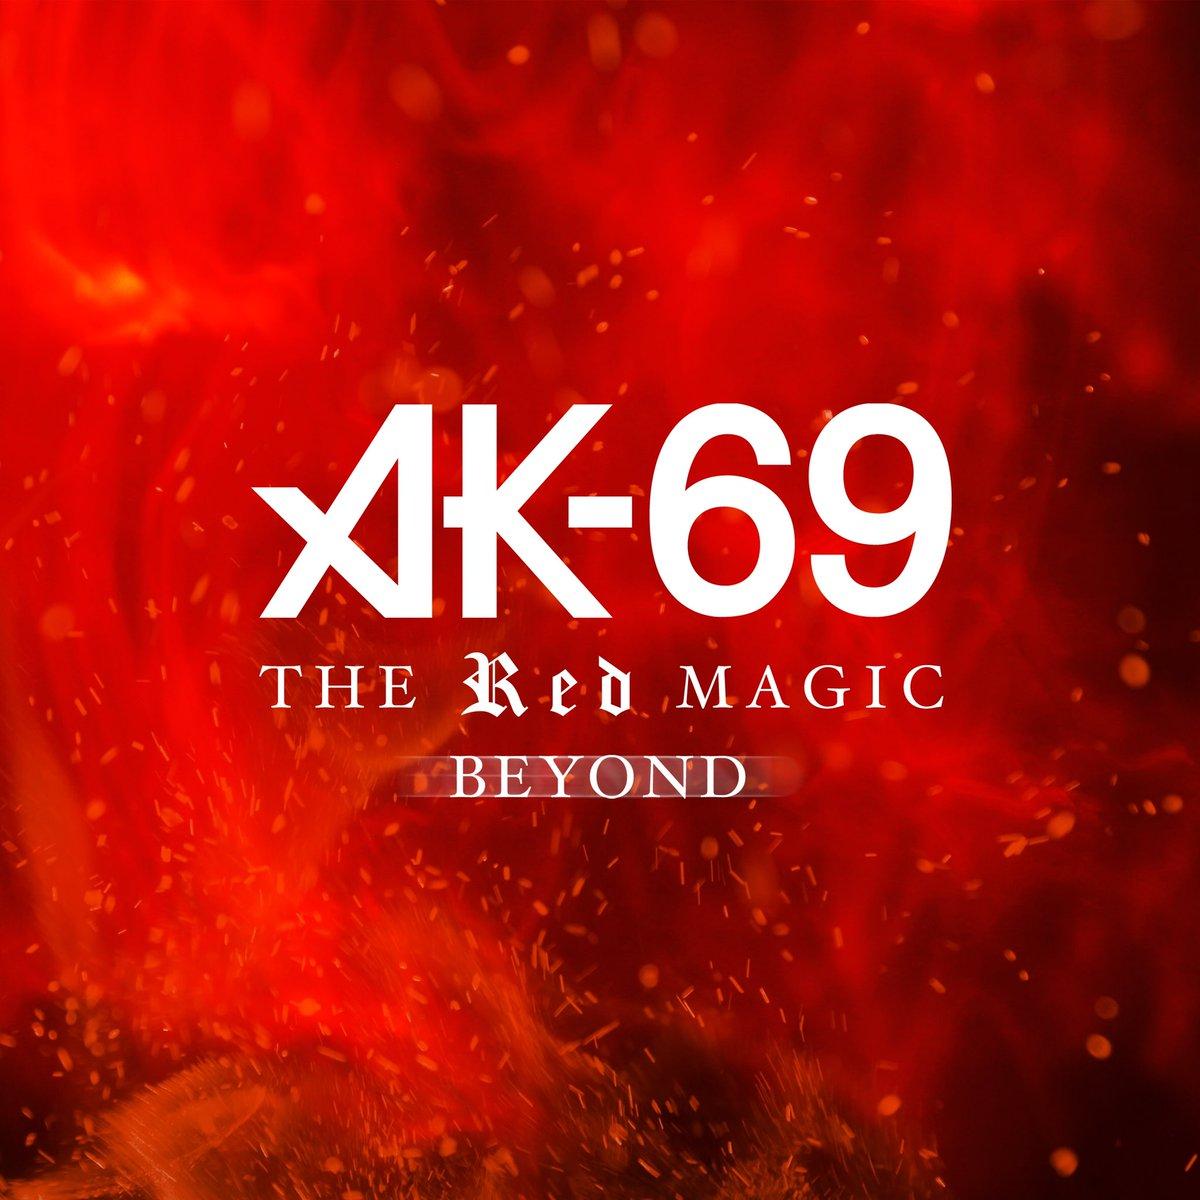 """まもなく! 12/17 0:00より新曲""""THE RED MAGIC BEYOND""""配信スタート🔥  Bリーグ 名古屋ダイヤモンドドルフィンズの公式テーマソングとしても使用頂いております!  日付変わったら即DLで📱🙏  #ak69 #TheRedMagicBeyond @nagoyadolphins"""